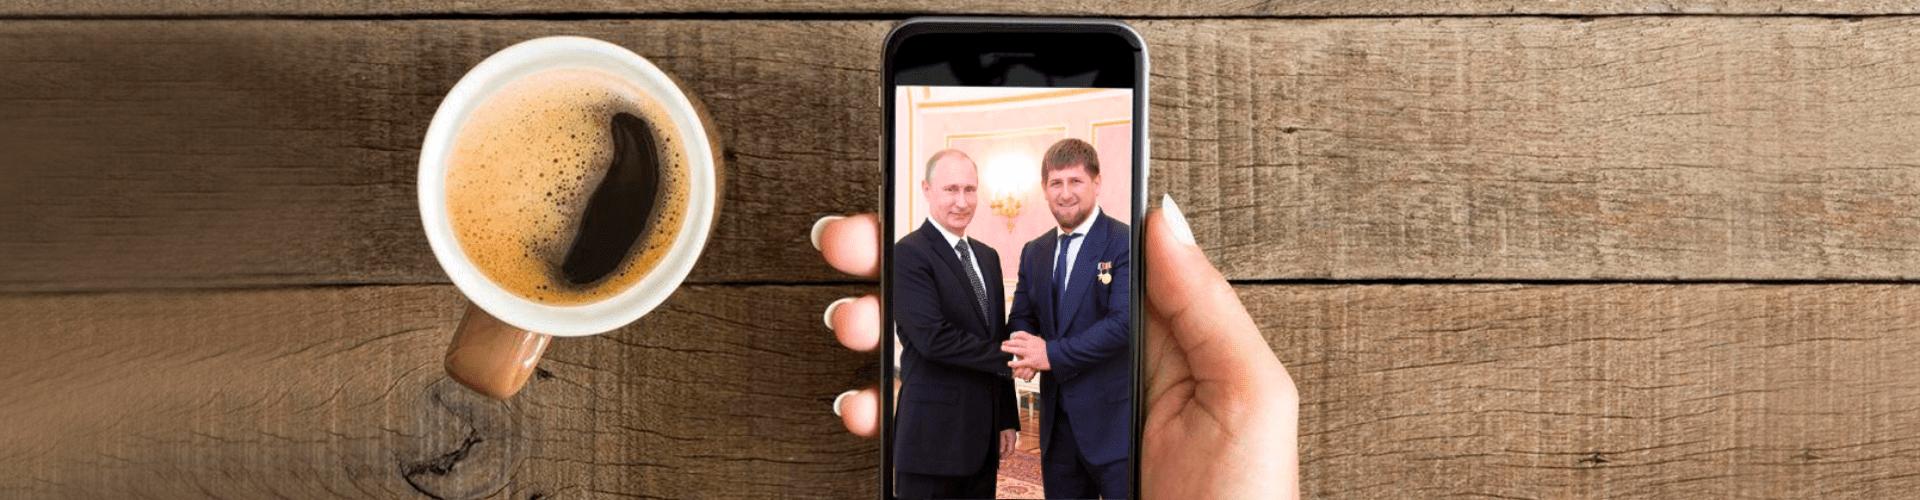 Разговор Путина и Кадырова